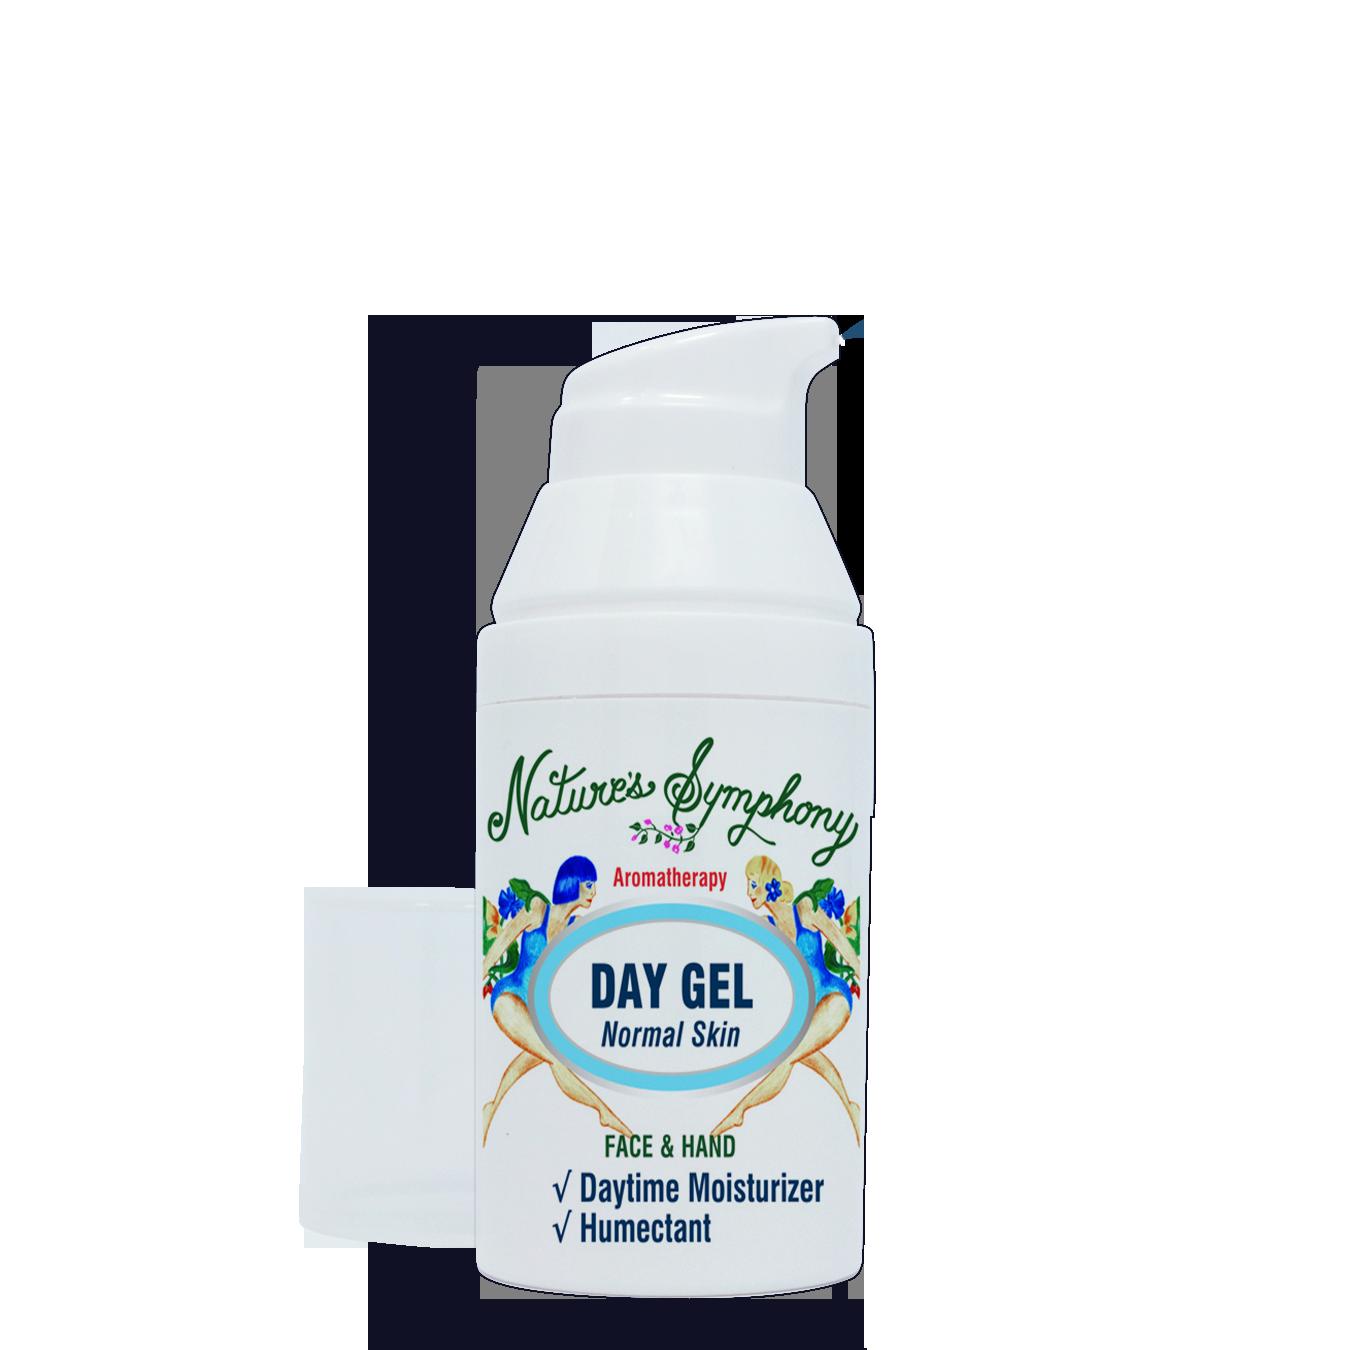 Organic - Day Gel, Normal Skin - 1 fl. oz. (30ml)